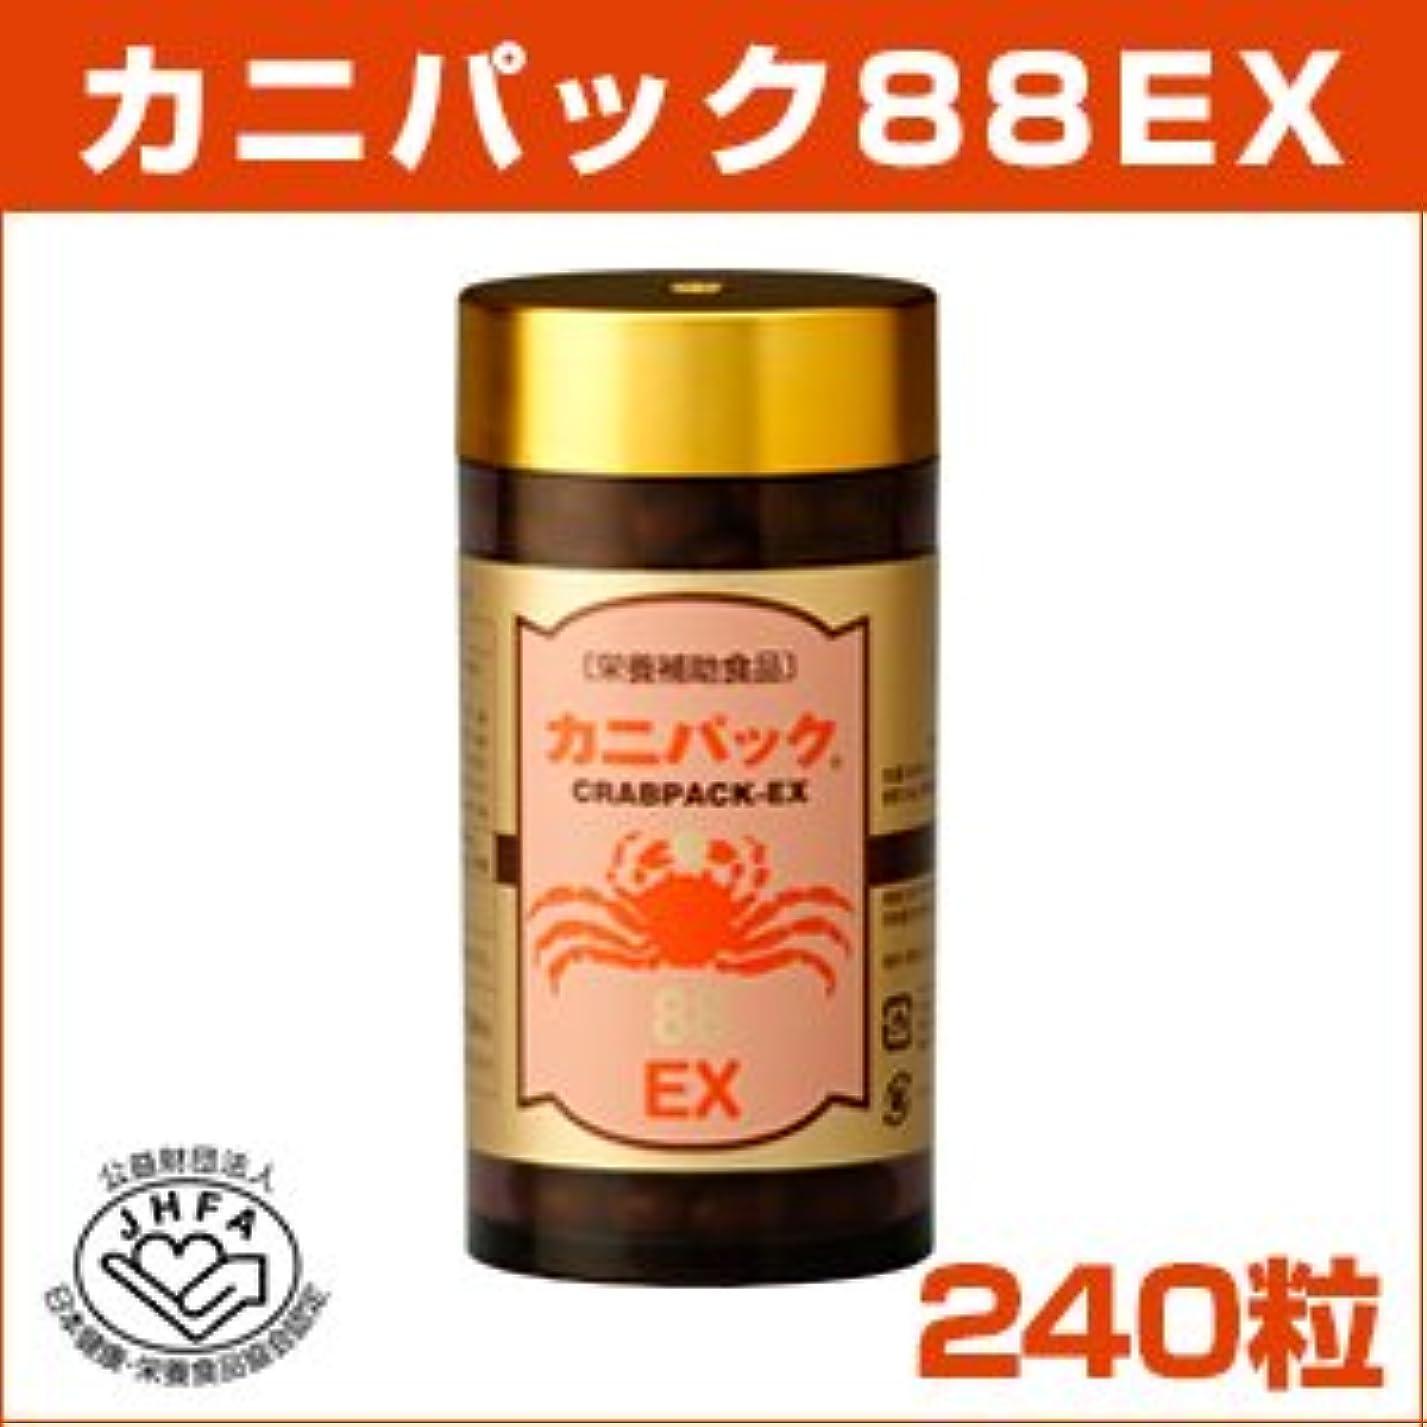 コールド作者ワイドカニパック88EX (240粒入)